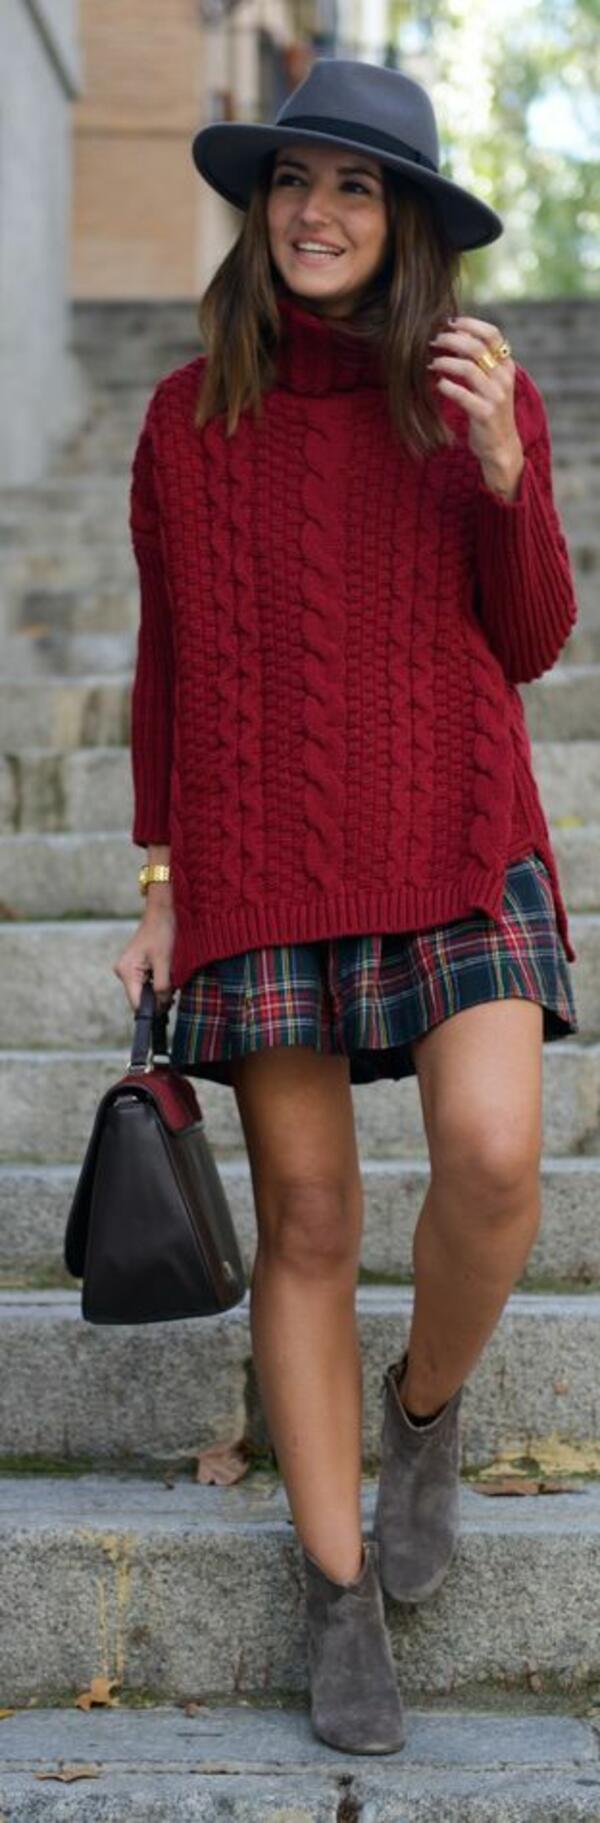 5 стилни и топли зимни визии с удобния обемен пуловер